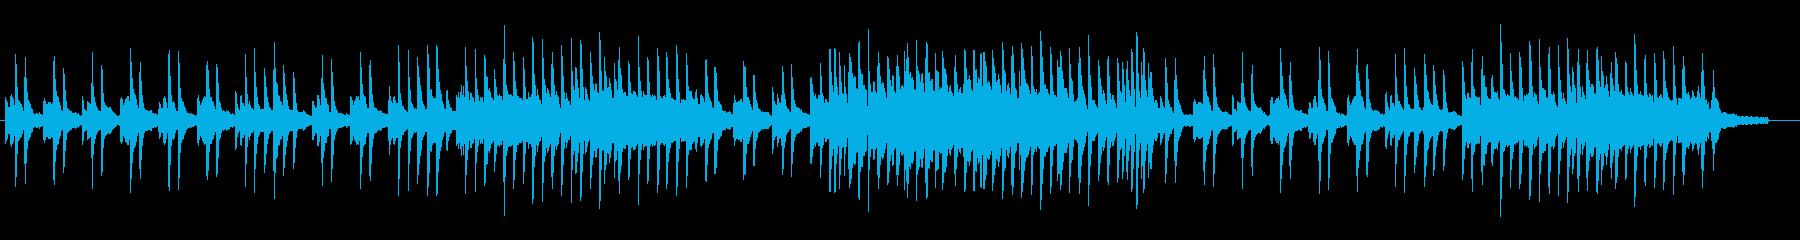 ゆったりとした別れの音楽の再生済みの波形